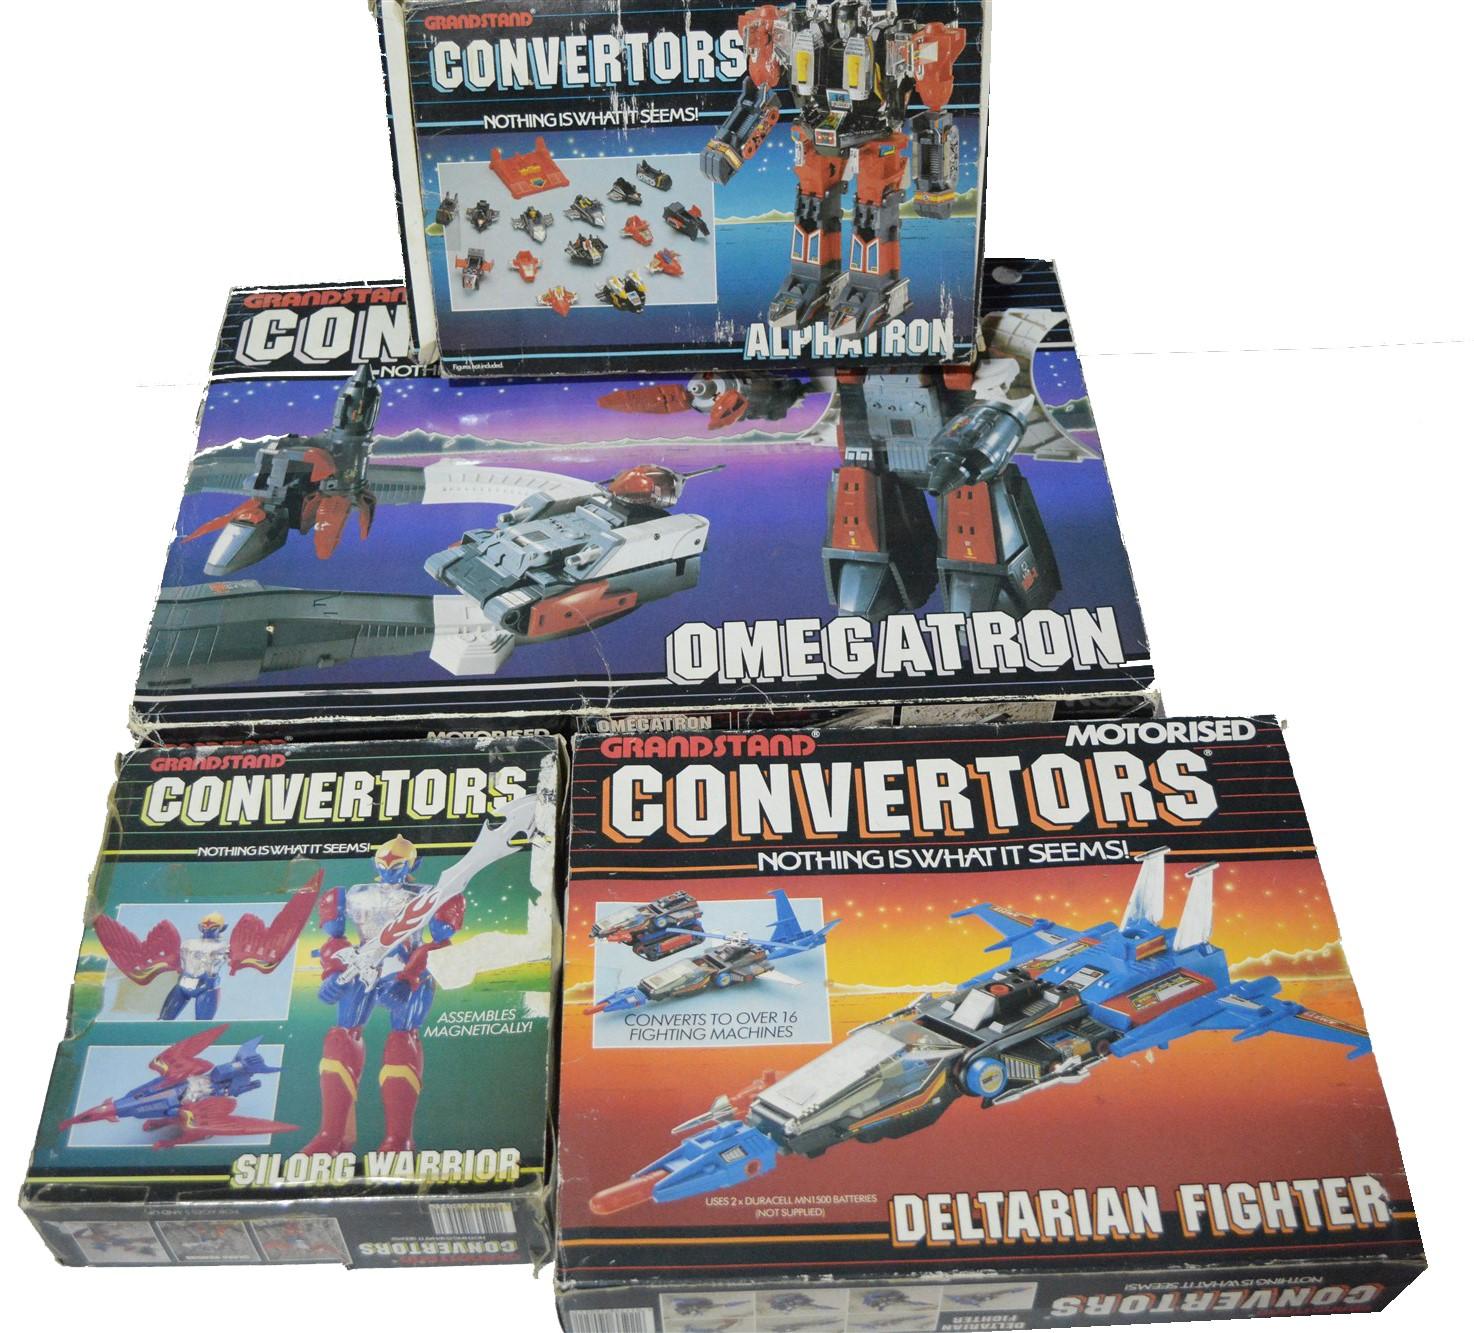 Grandstand Convertors